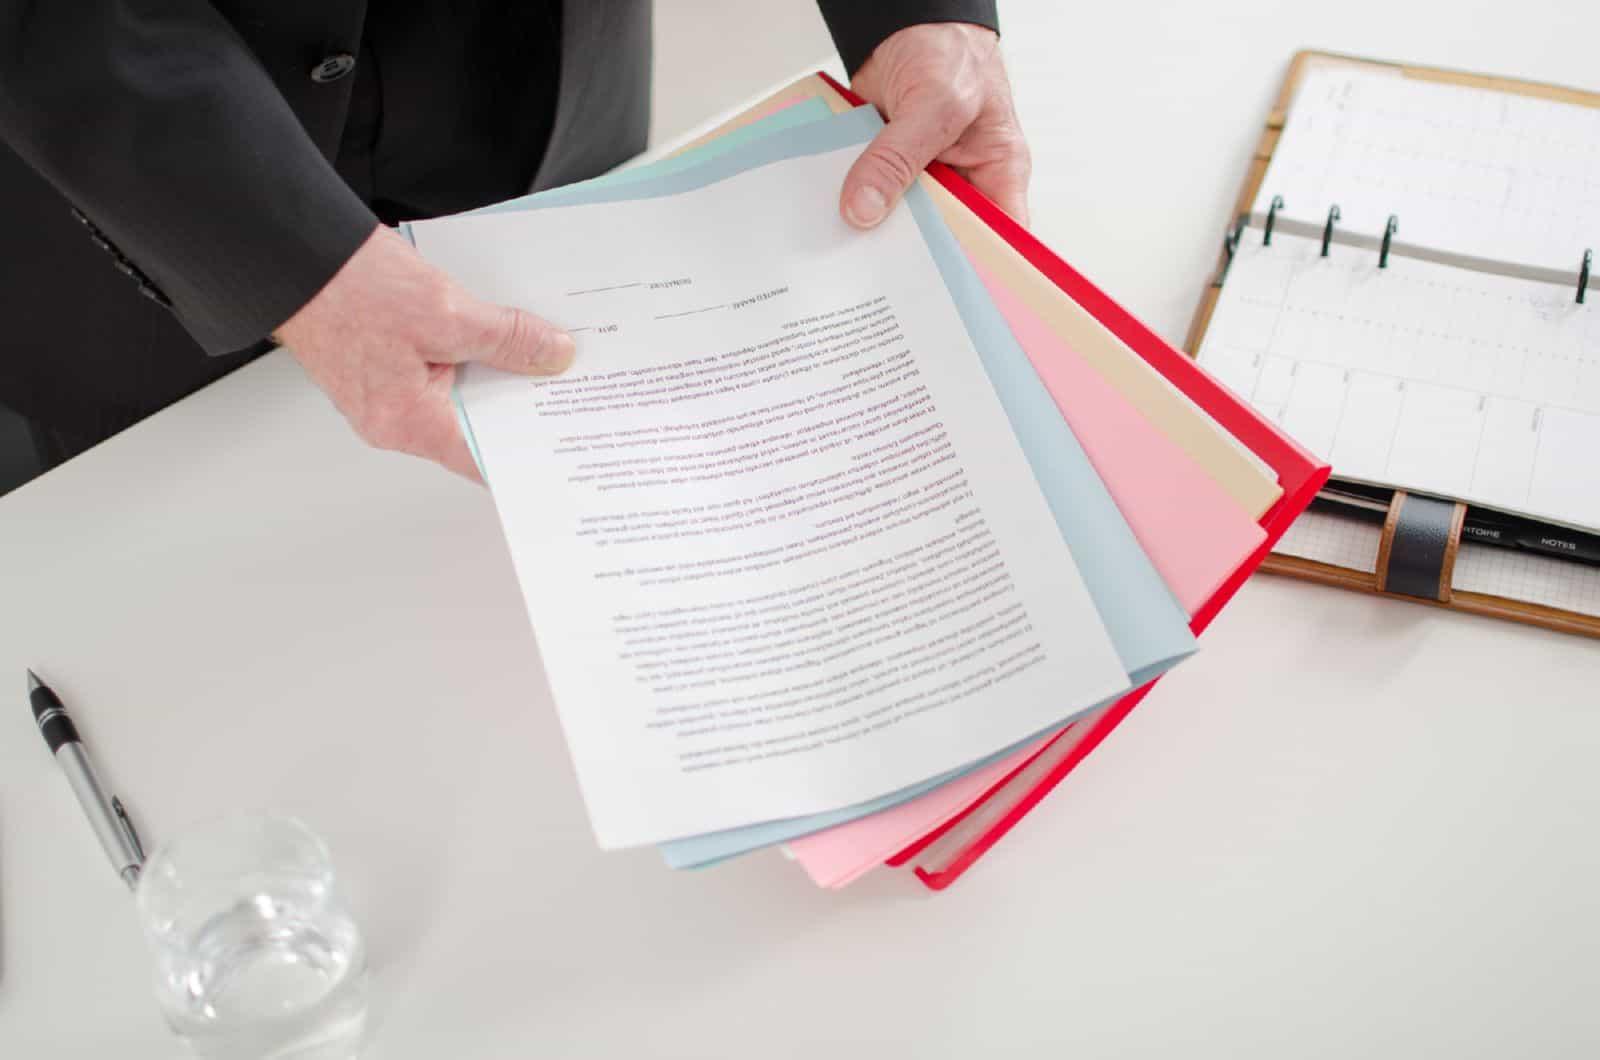 доп соглашение к срочному трудовому договору о продлении срока